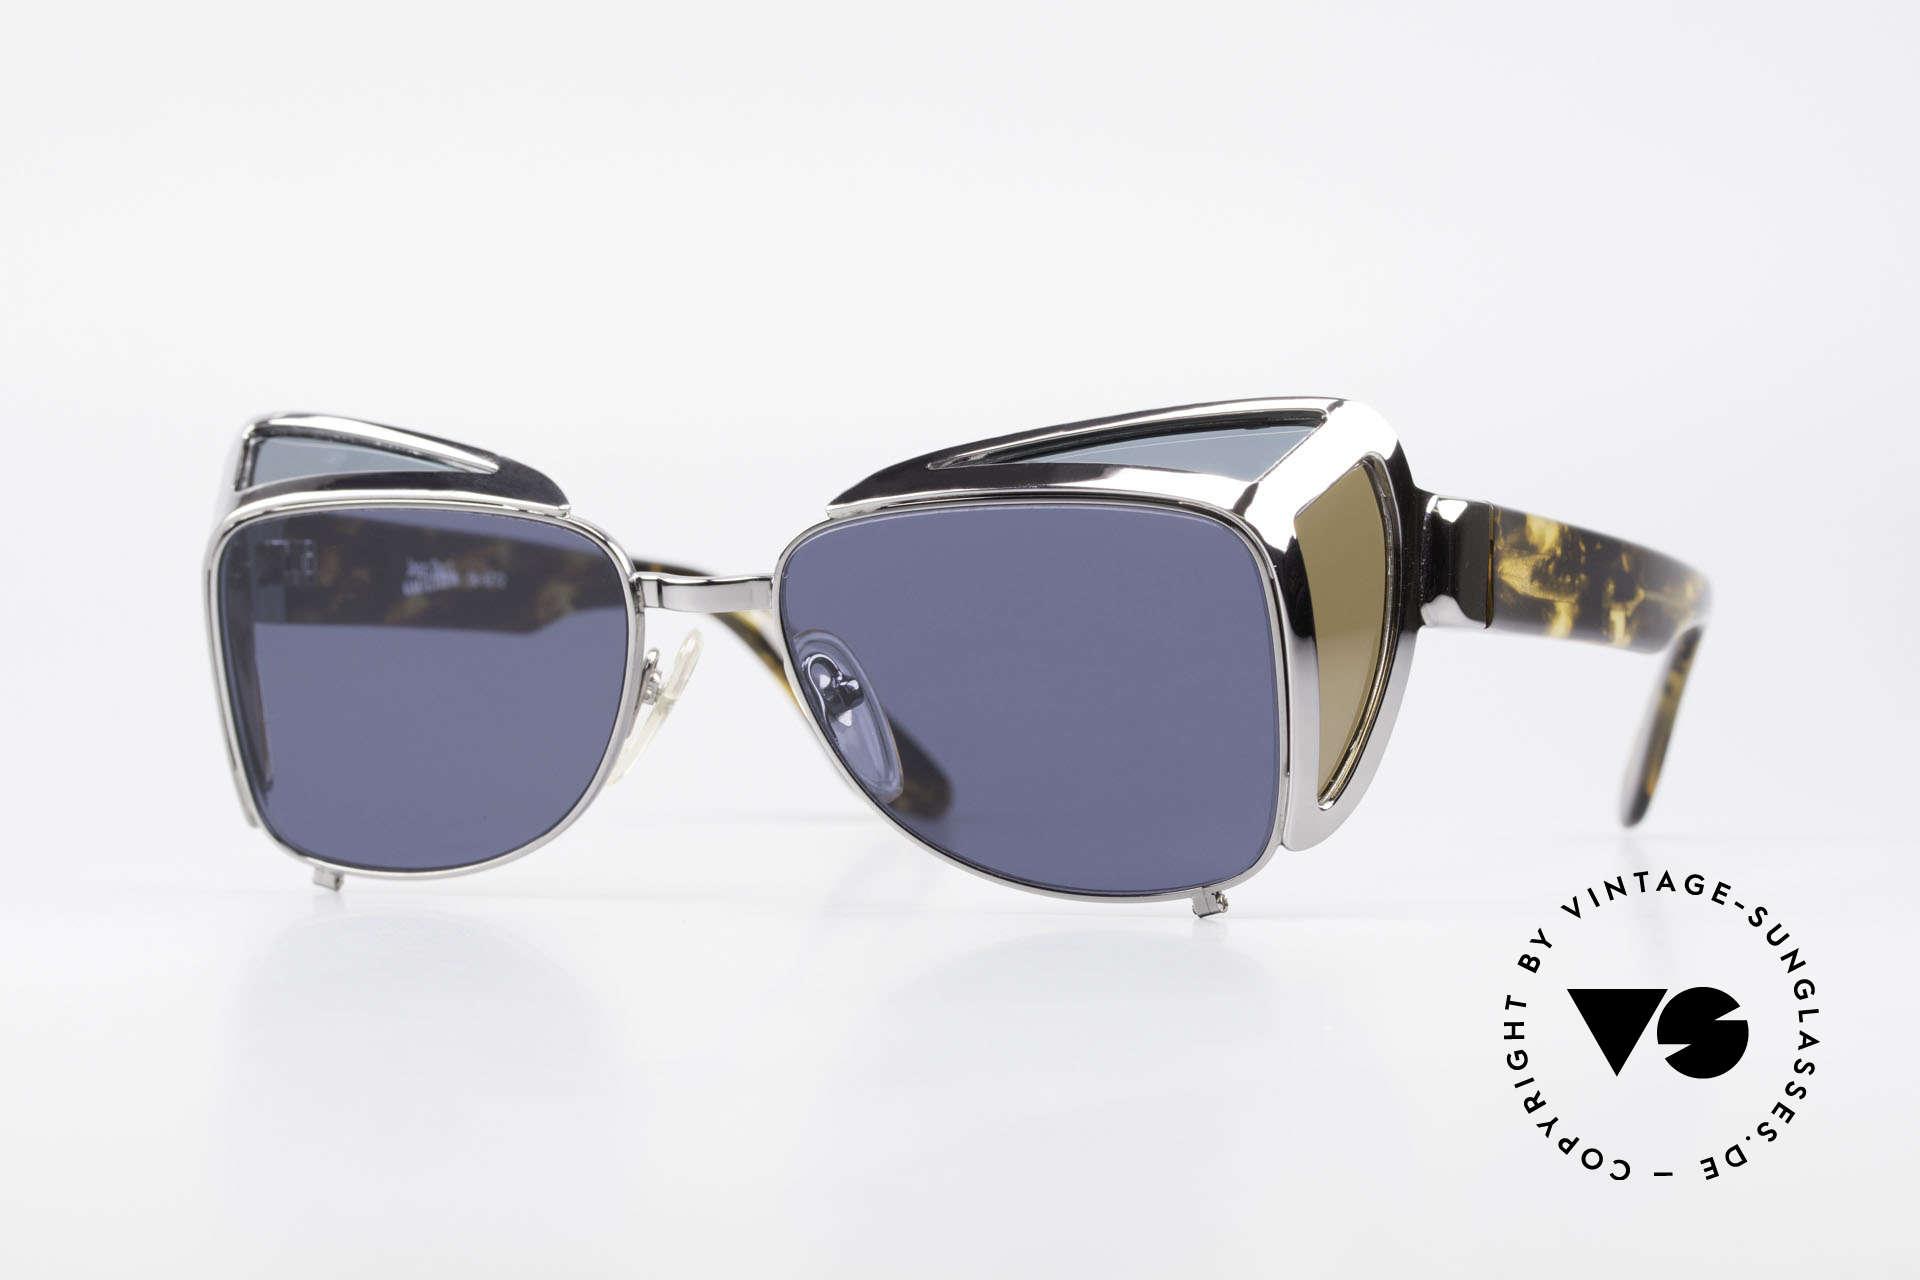 Jean Paul Gaultier 56-9272 Steampunk Sonnenbrille JPG, einzigartige Sonnenbrille von Jean Paul Gaultier, Passend für Herren